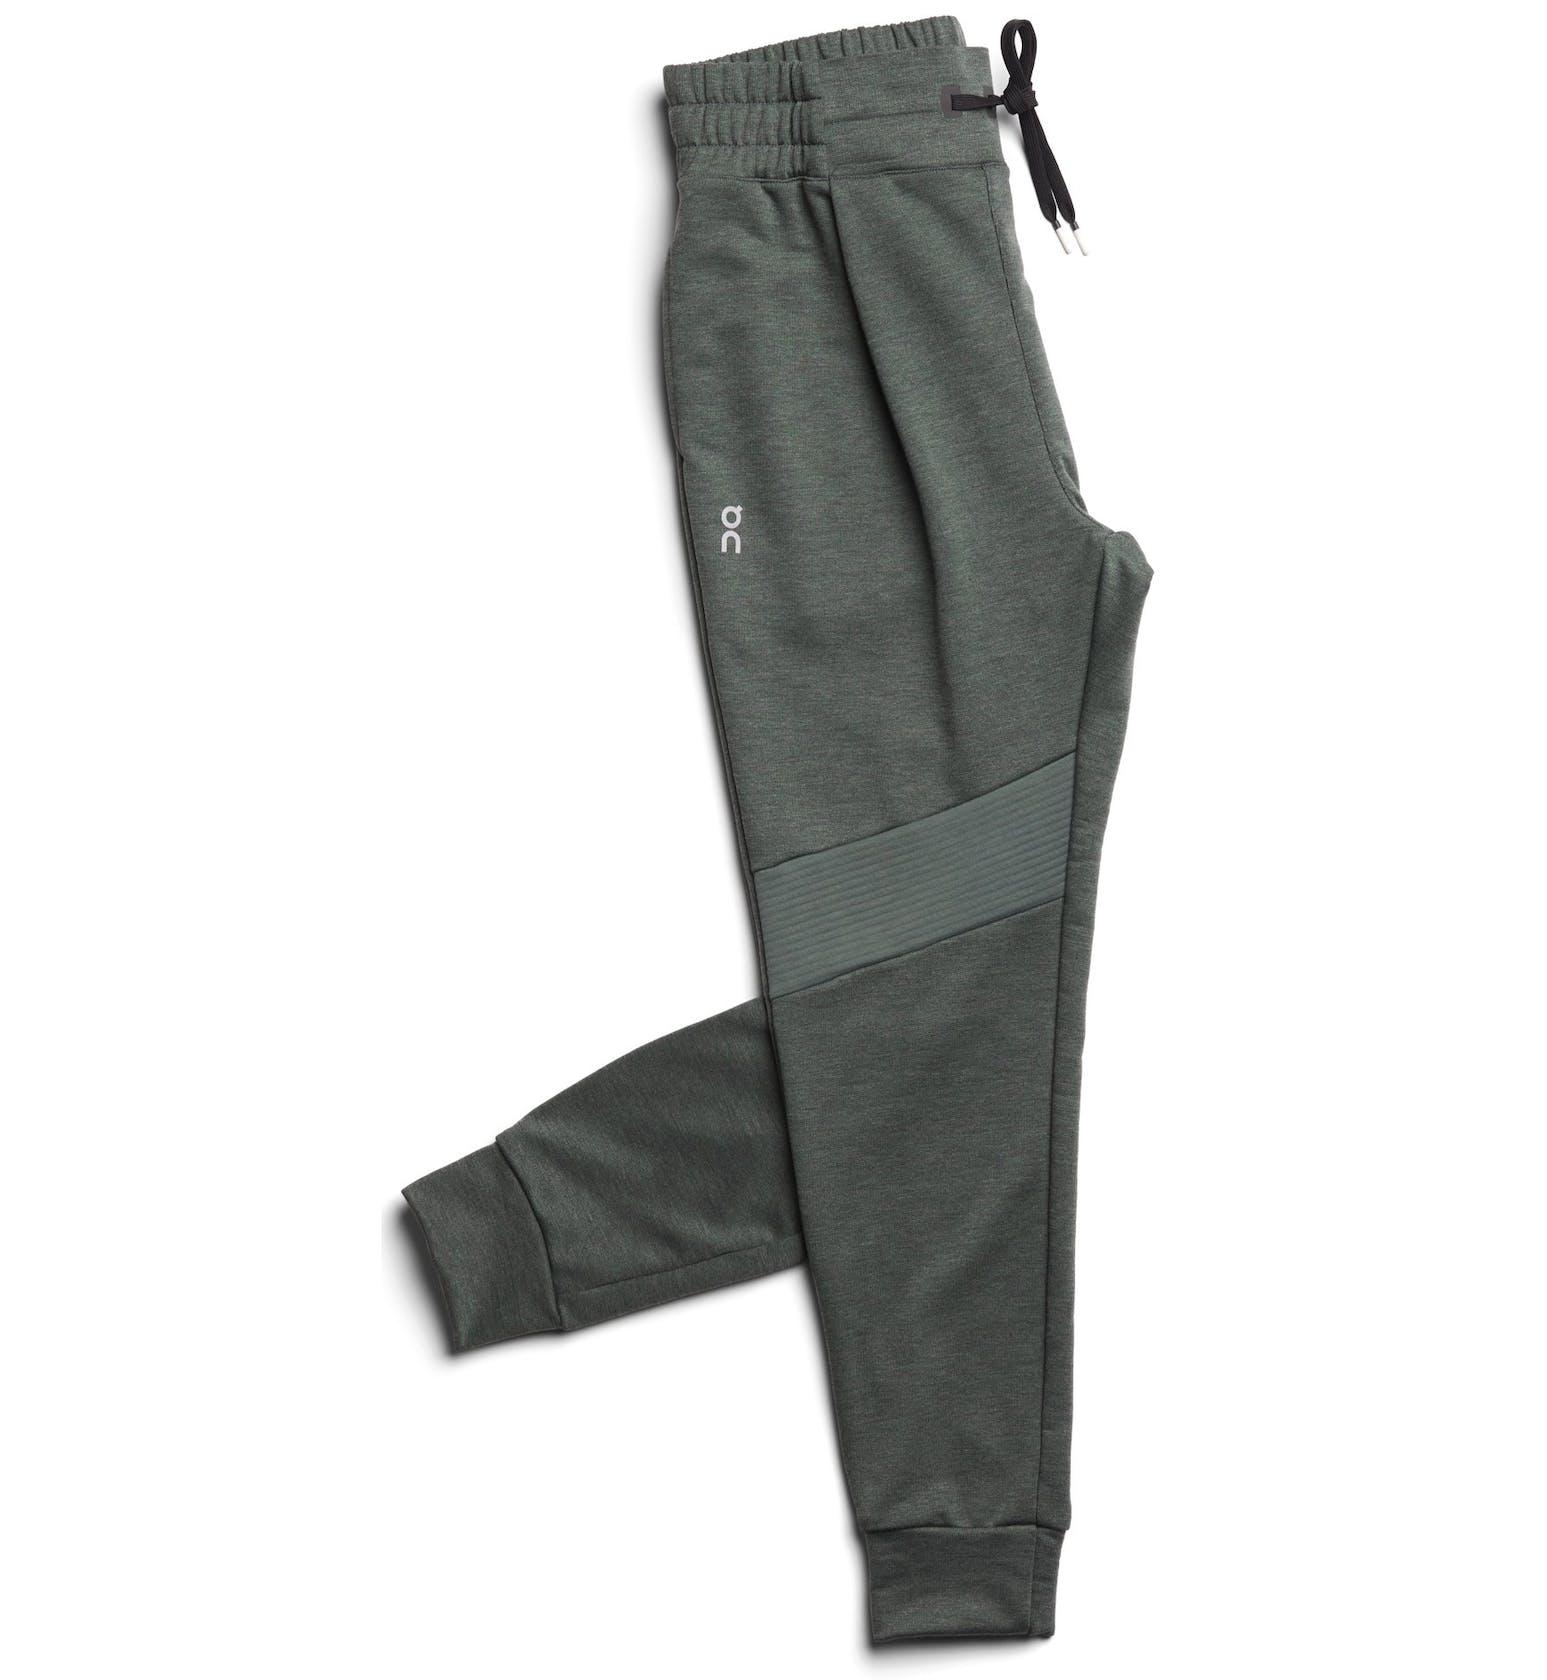 On Sweat - pantaloni fitness - donna